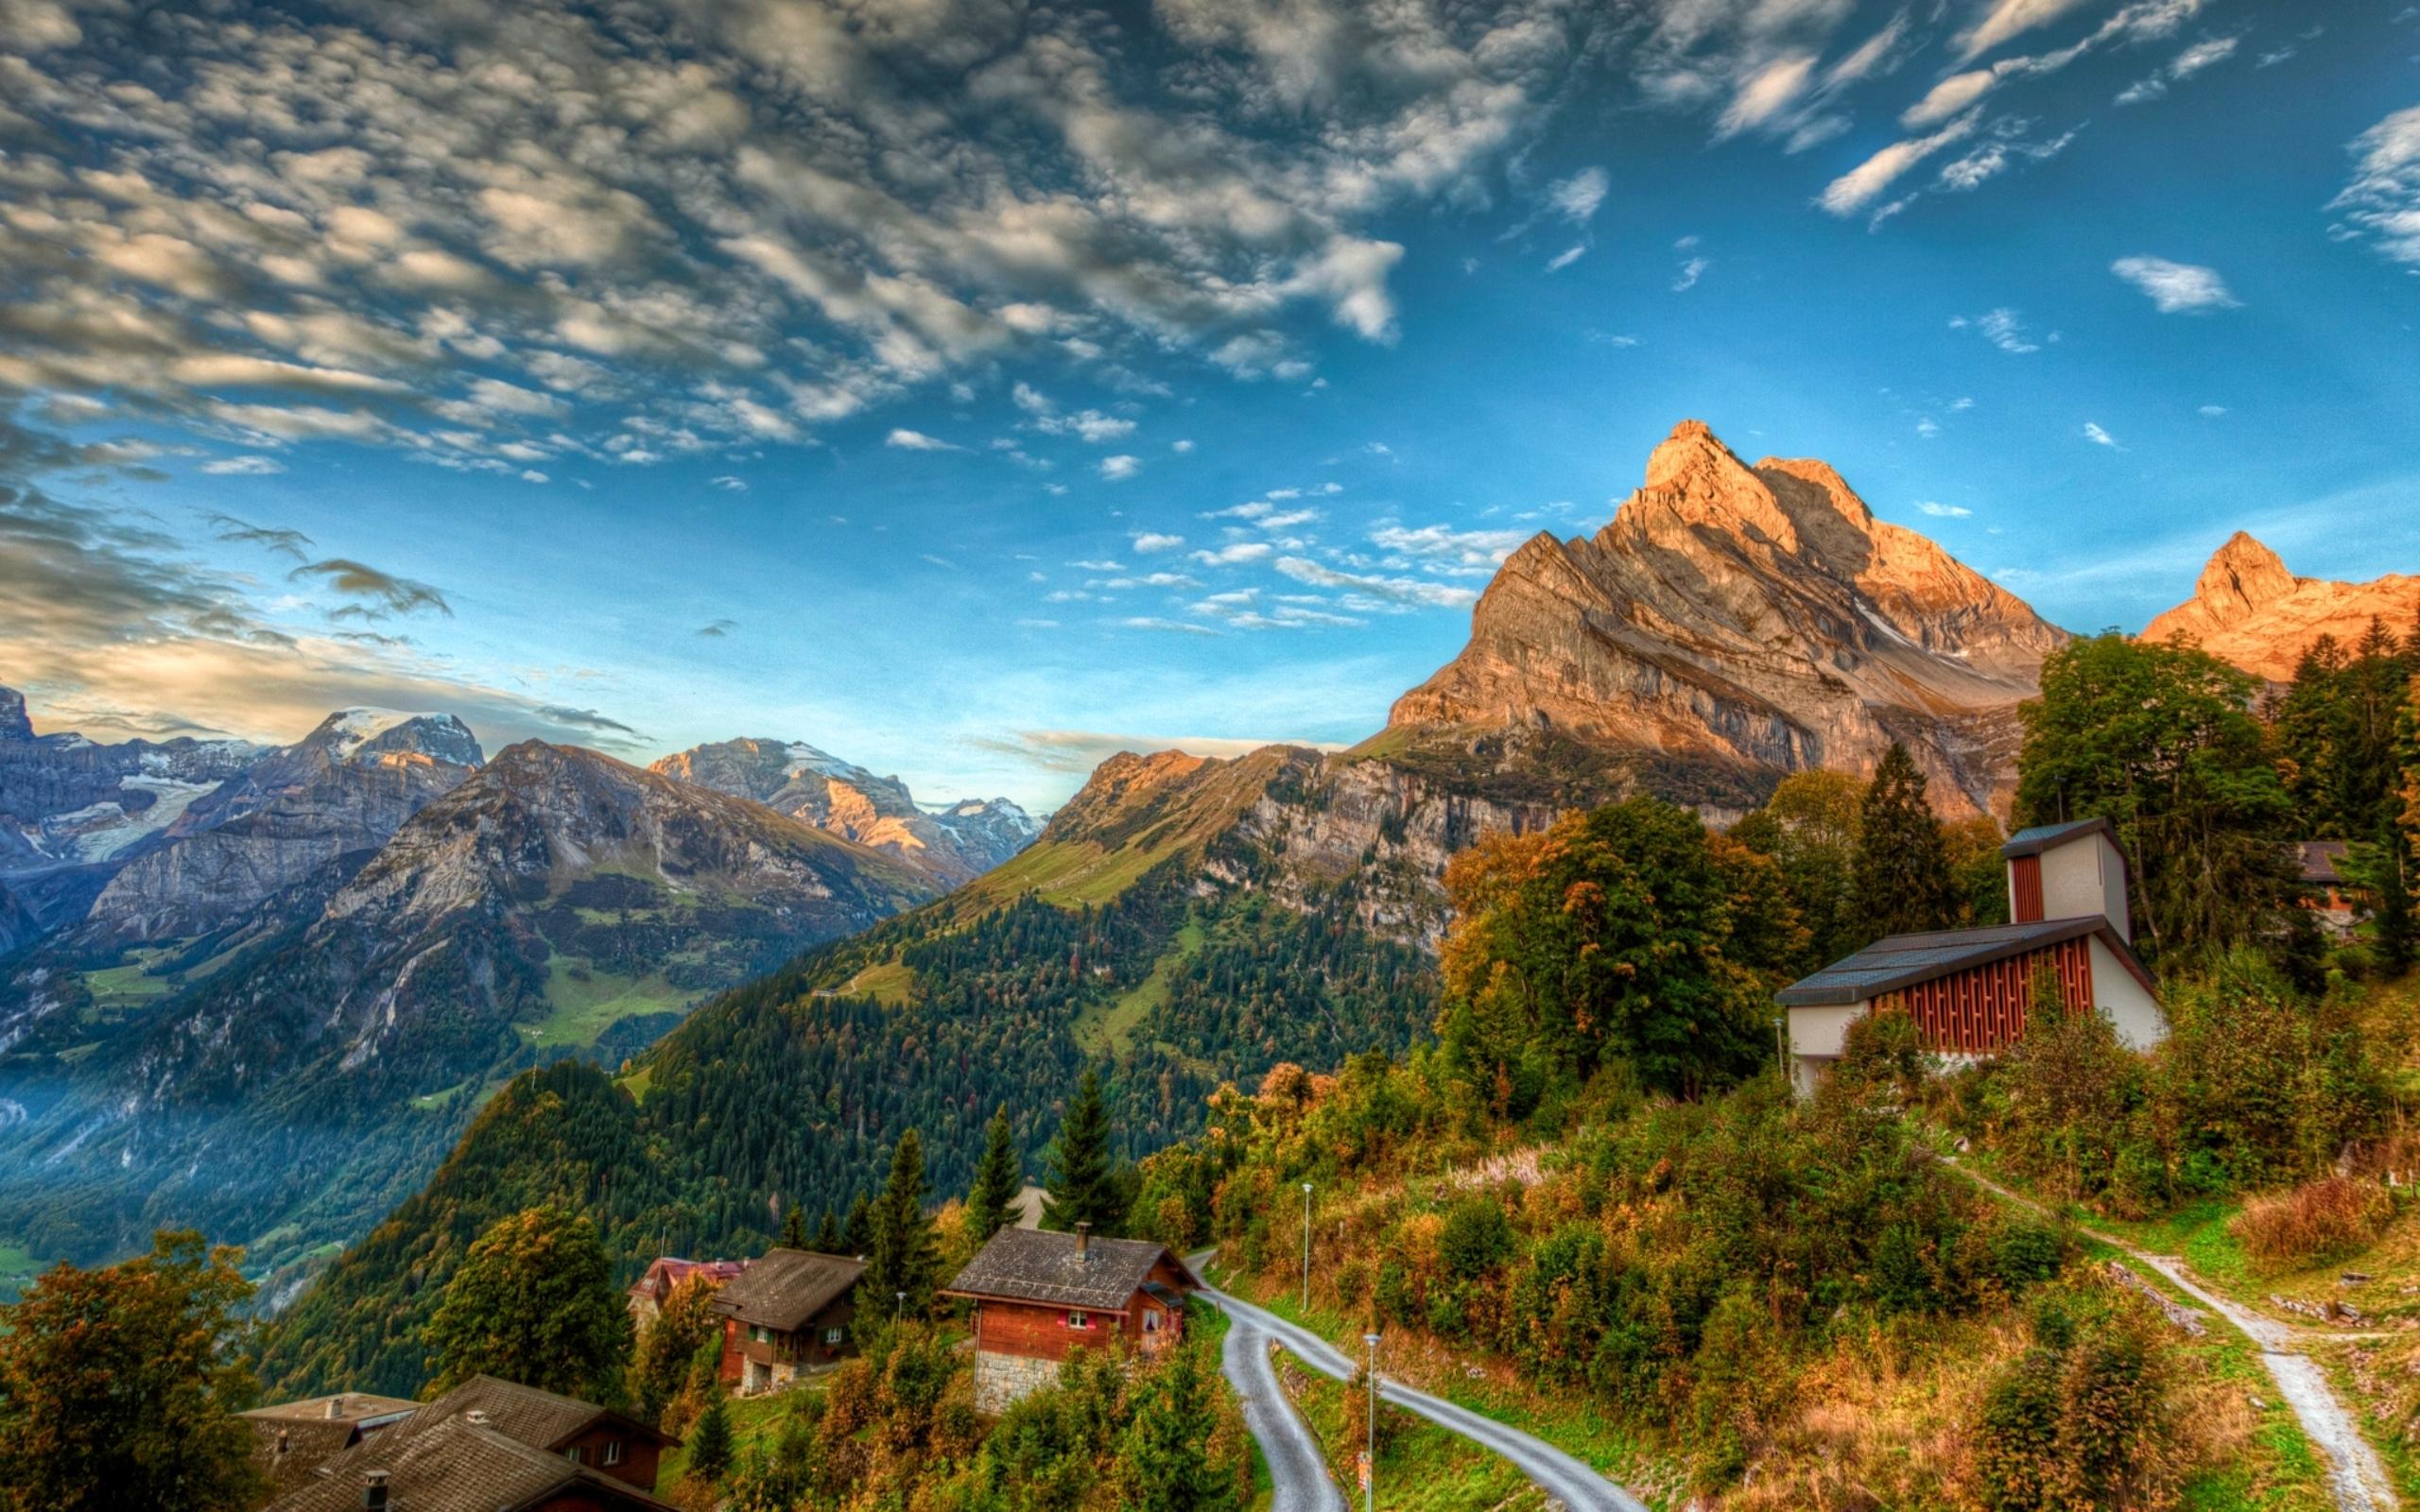 Swiss Alps Wallpaper - WallpaperSafari